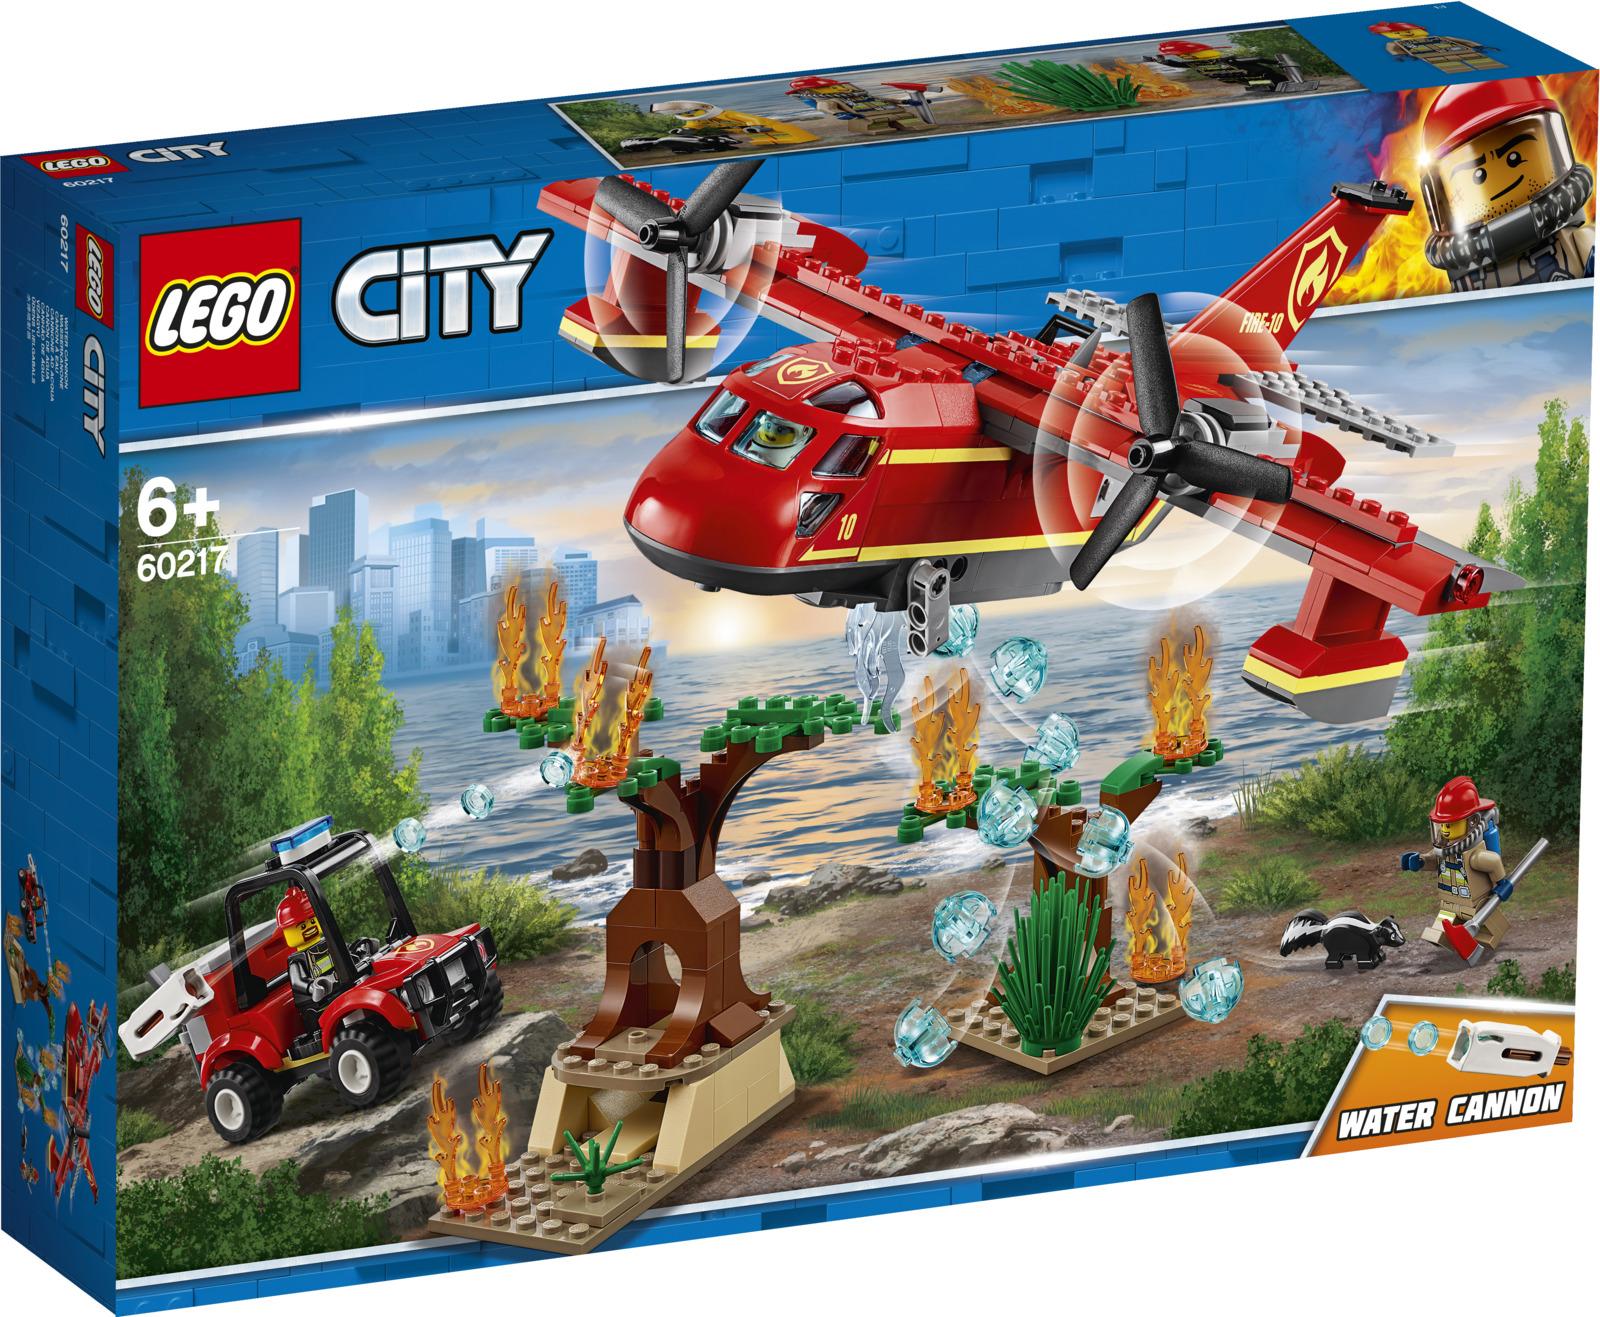 Конструктор City Fire Пожарный самолет, 6021760217Присоединяйся к Экипажу пожарных города LEGO City и помоги защитить дикую природу! В соседнем лесу началась схватка с огнем. Запрыгивай в самолёт, чтобы тушить пожар сверху, пока наземная пожарная команда быстрого реагирования пытается справиться с ним на земле. Смотри! В огненной ловушке на горящем дереве оказался беспомощный скунс! Хватай дымозащитное оборудование и отправляйся спасать несчастное животное. Успеешь ли ты? Еще один захватывающий день для экипажа пожарного самолета!